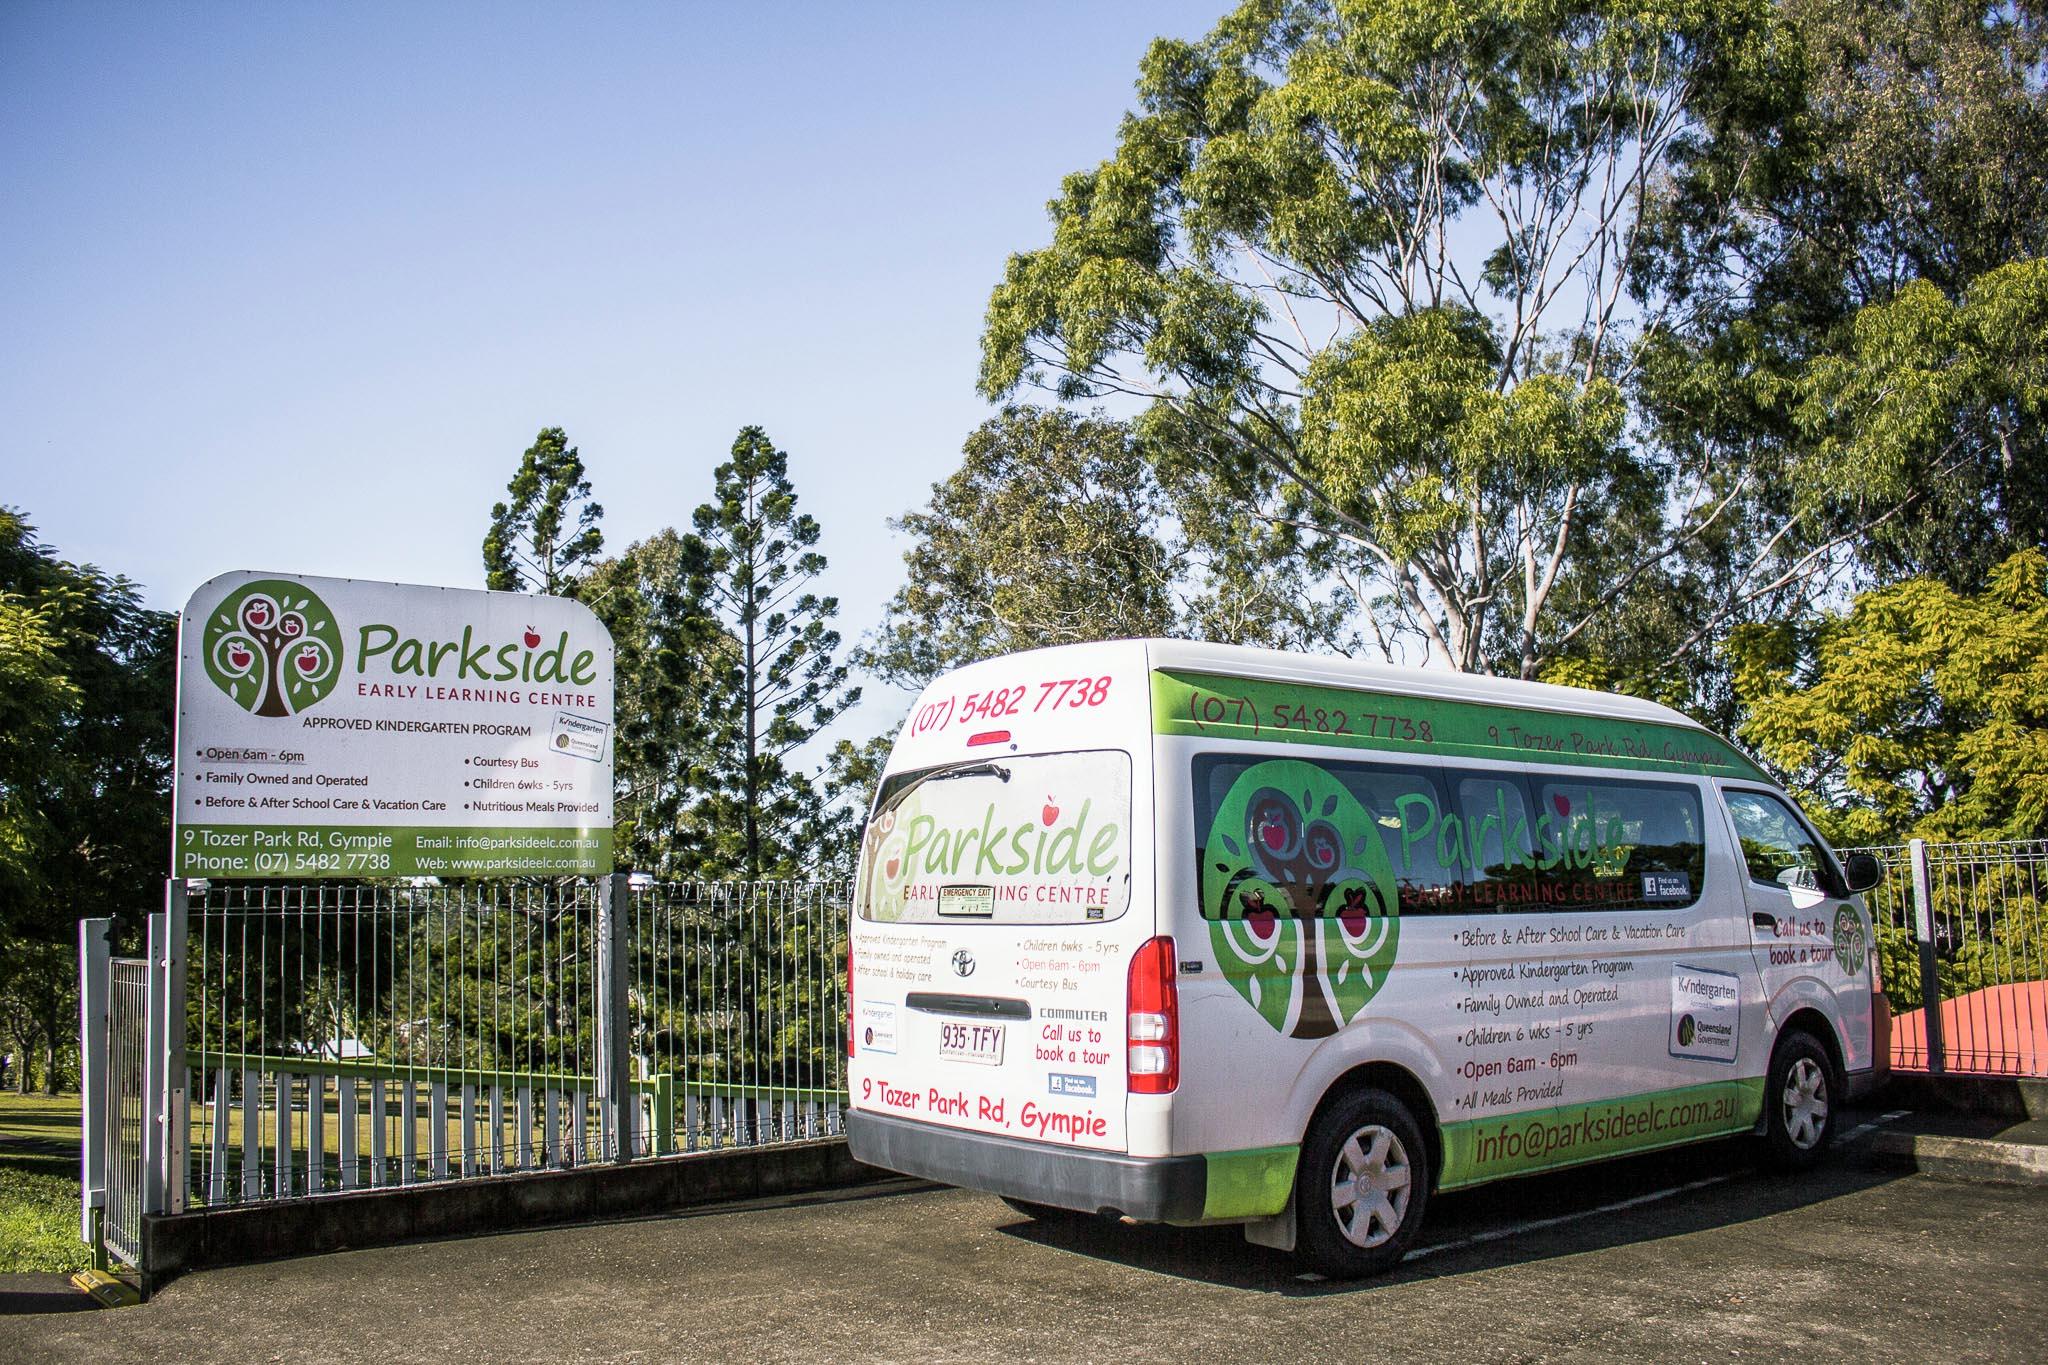 Parkside-2.jpg